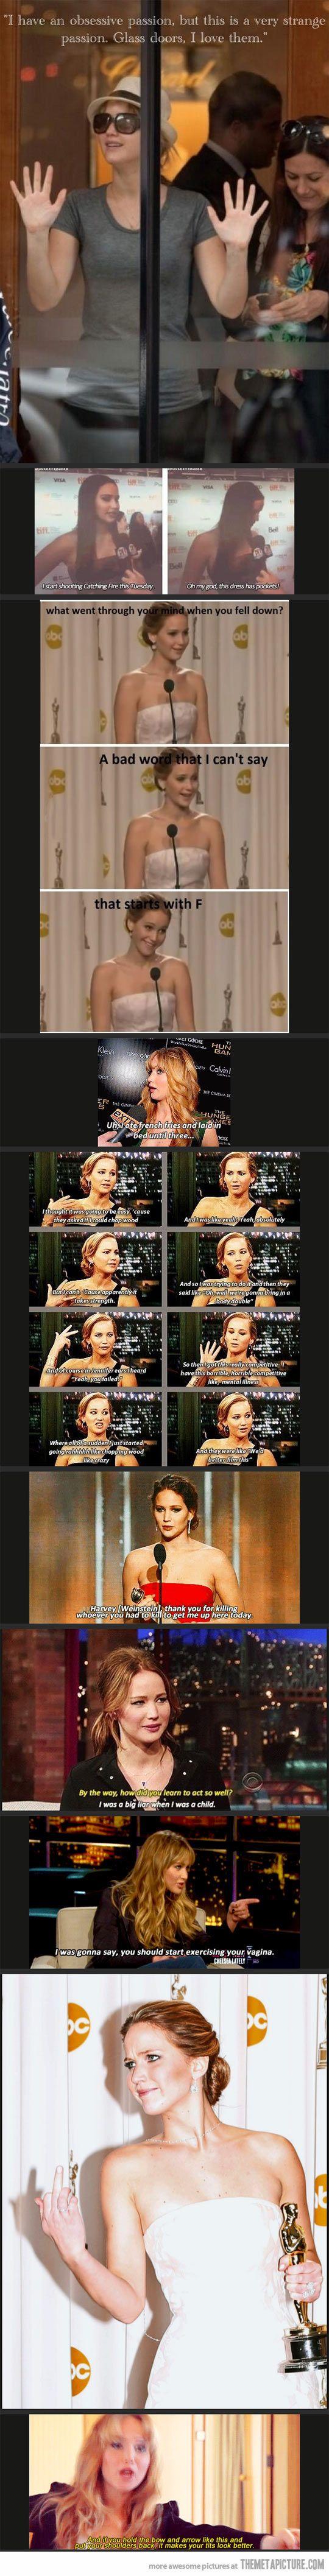 Jennifer Lawrence everyone.